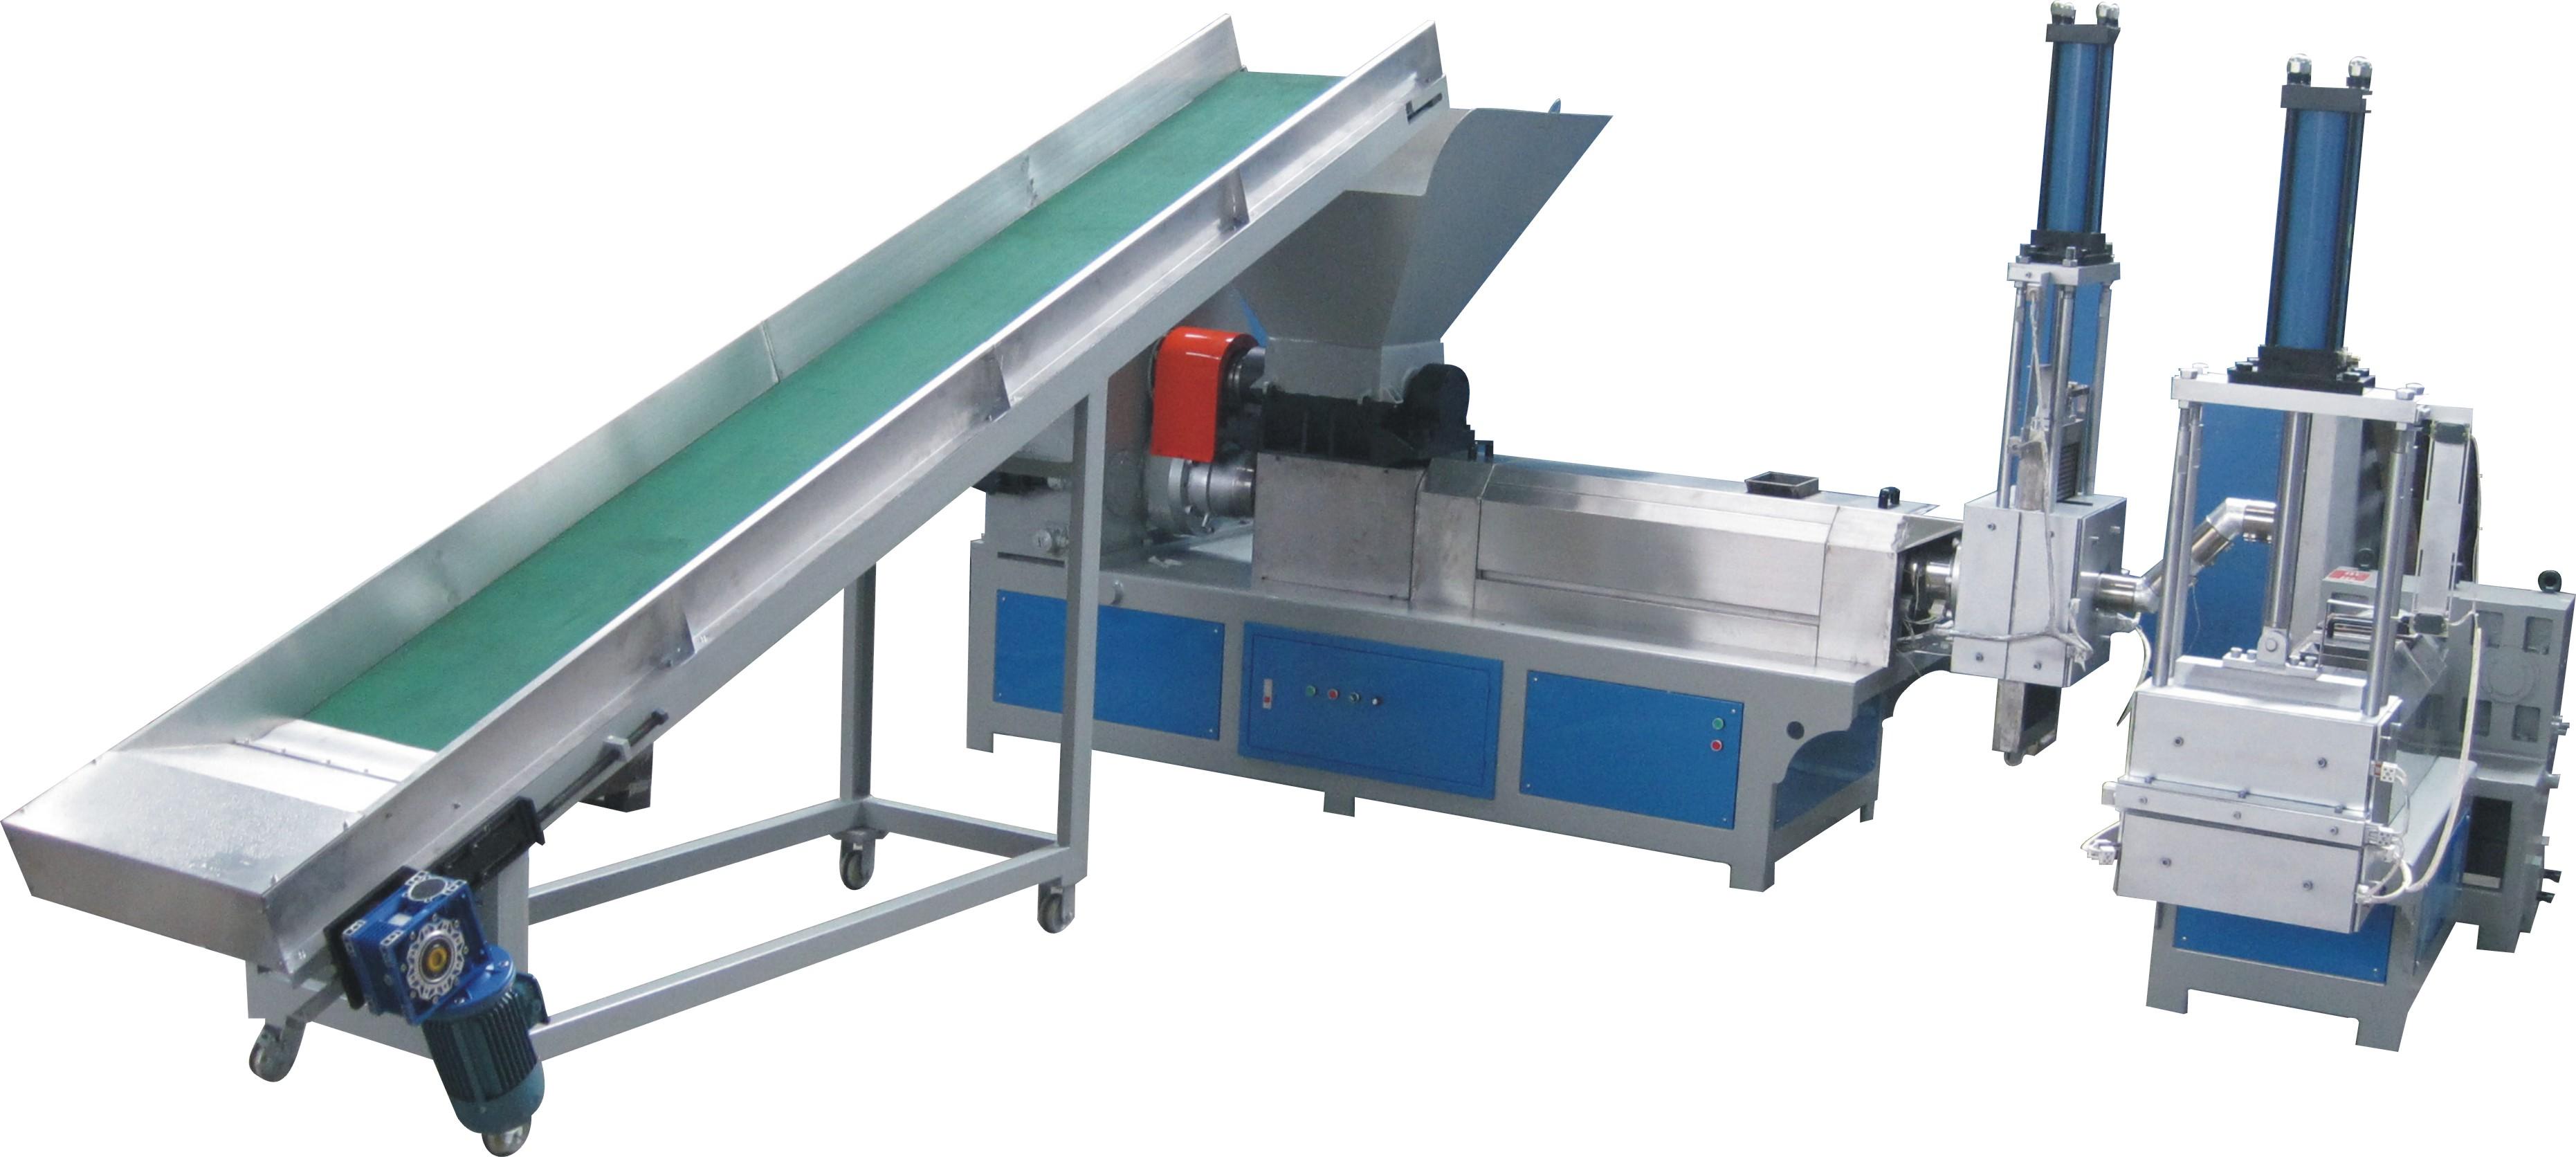 塑料造粒机批发    贵溪塑料造粒机的用途    优质塑料造粒机     塑料造粒机价格